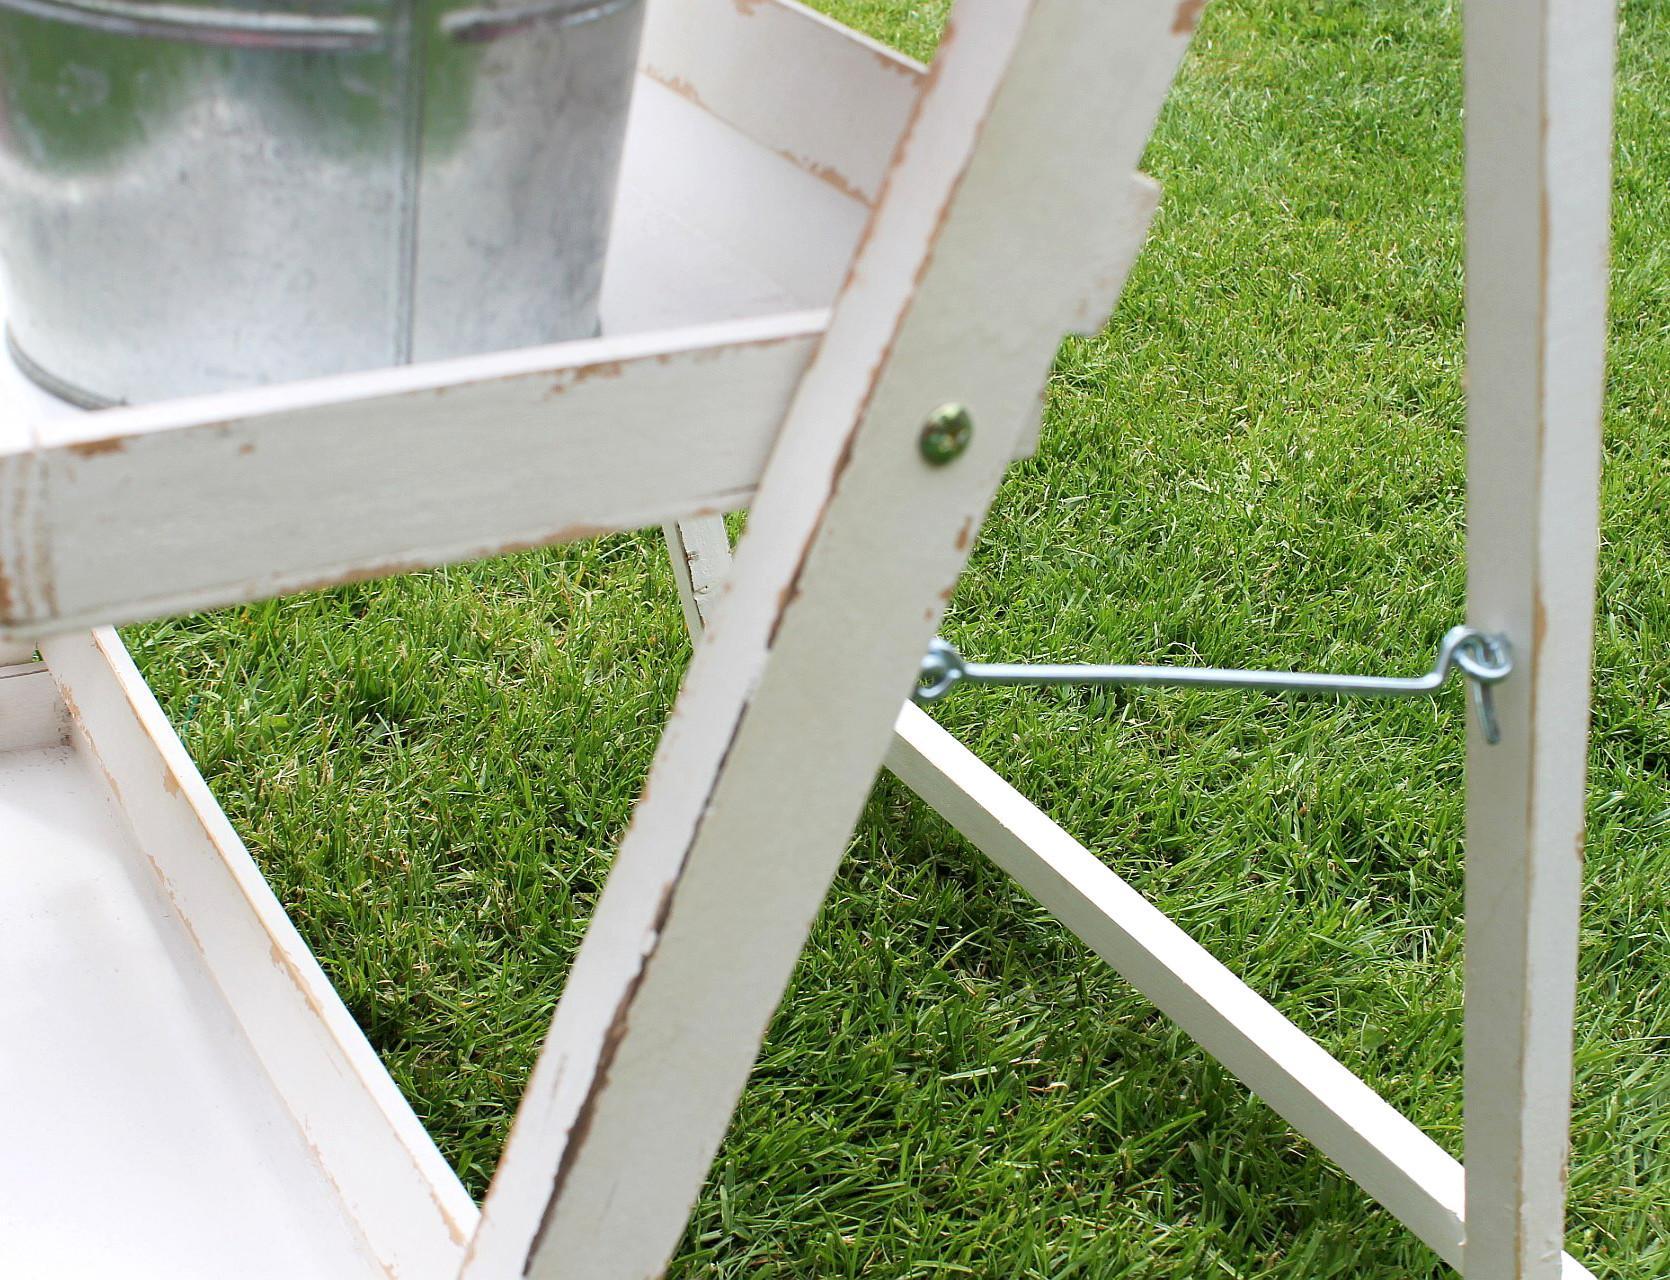 blumentreppe 14b496 aus holz 93cm blumenständer pflanzentreppe